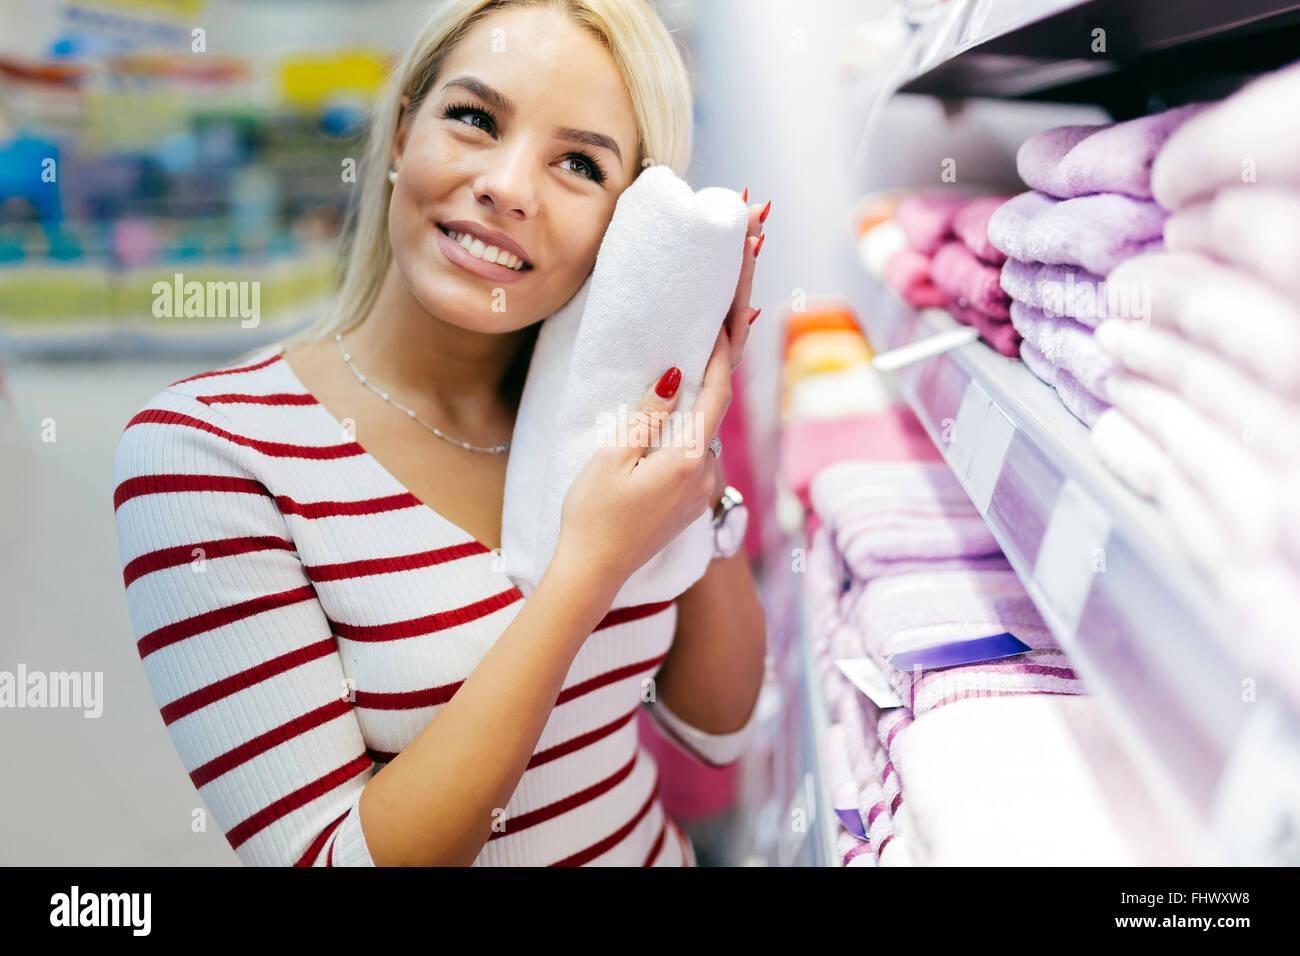 Schöne Frau, Inspektion und Handtücher im Supermarkt zu kaufen Stockbild